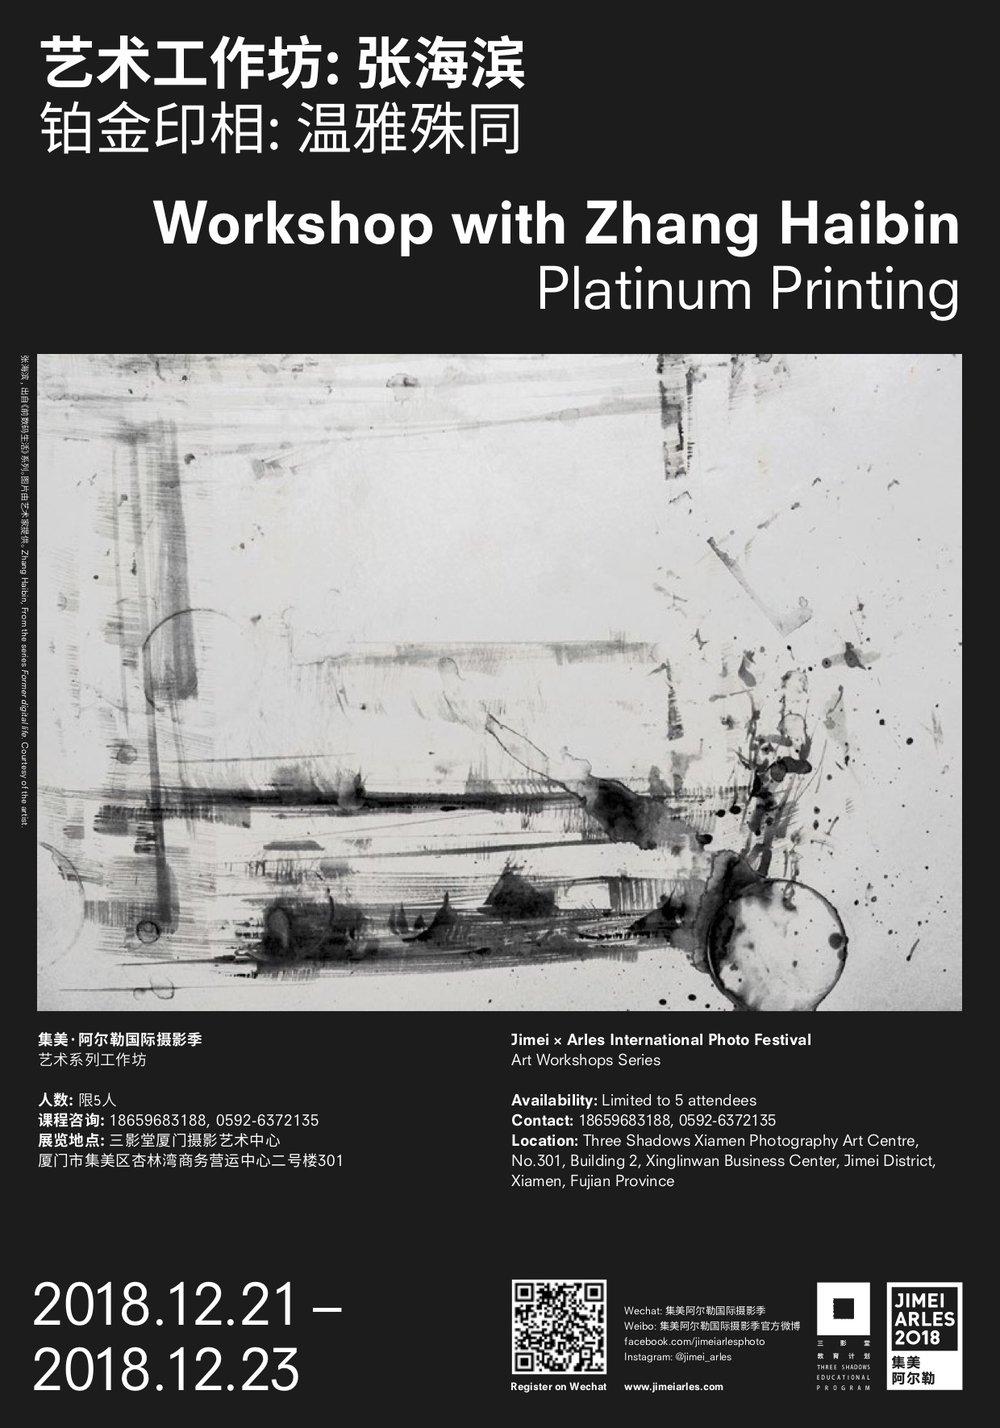 JIMEIARLES_Workshop Poster_Digital_Zhang_Haibin.jpg